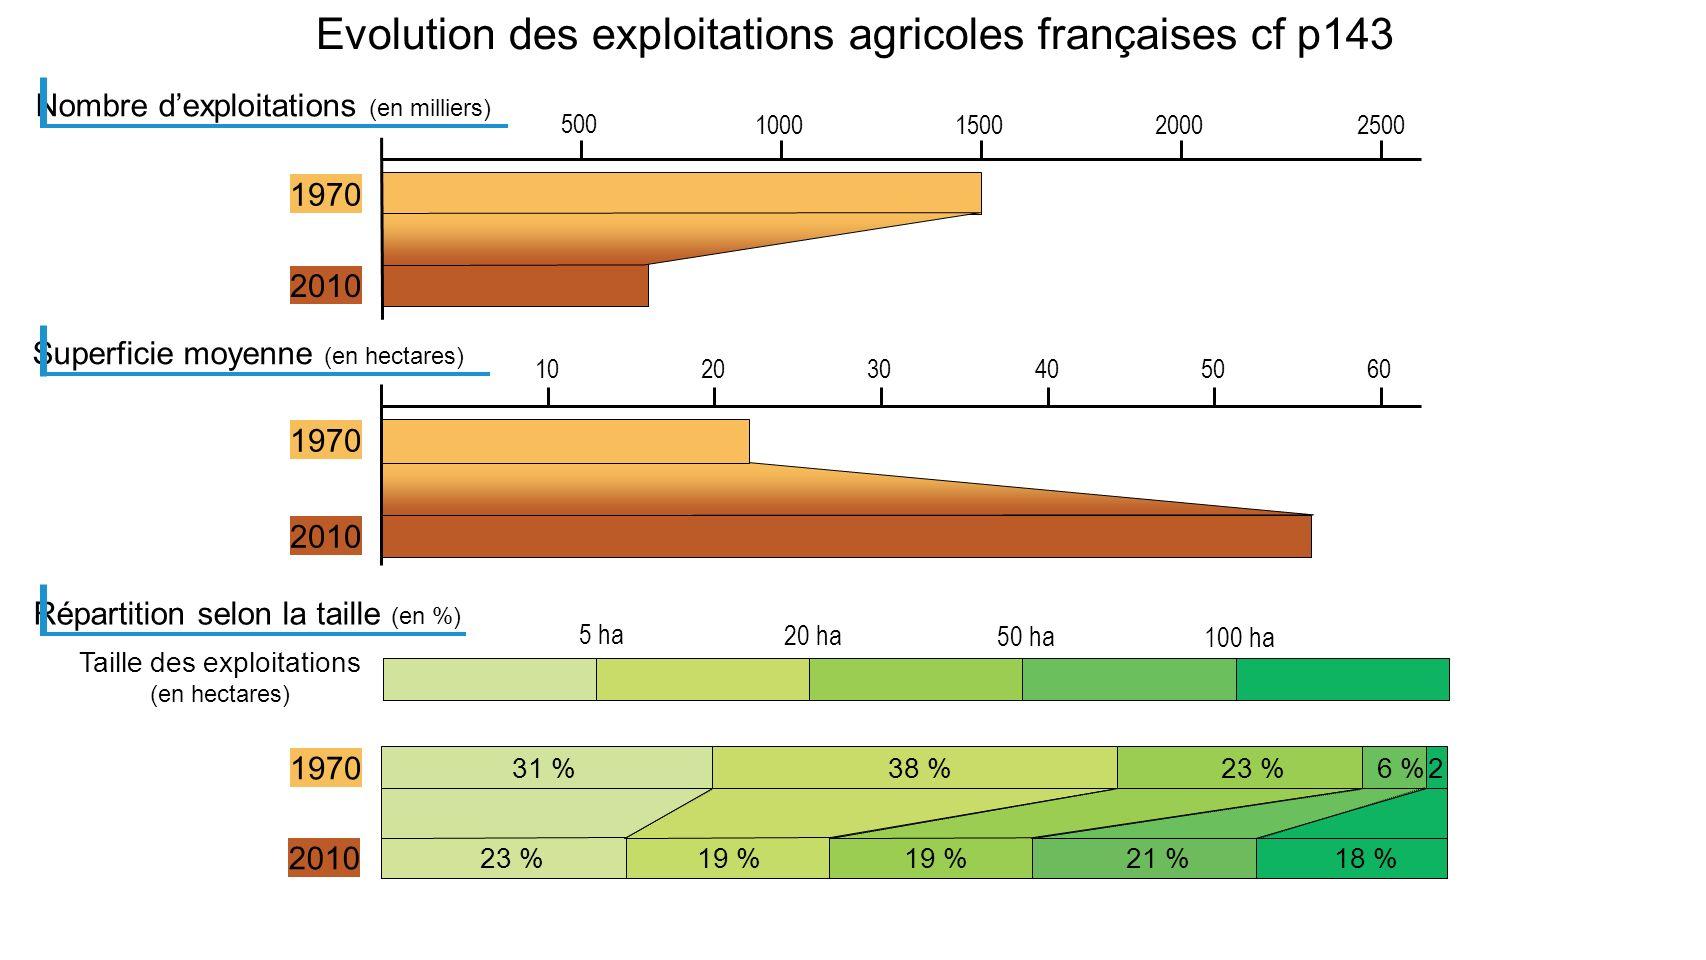 Guadeloupe MartiniqueRéunionGuyane Surface agricole utile (SAU) moyenne par exploitation (en hectares) 100 75 50 10 Revenu moyen net par exploitation (en milliers deuros) 230 110 60 Une agriculture à plusieurs vitesses cf p143 0 200 km